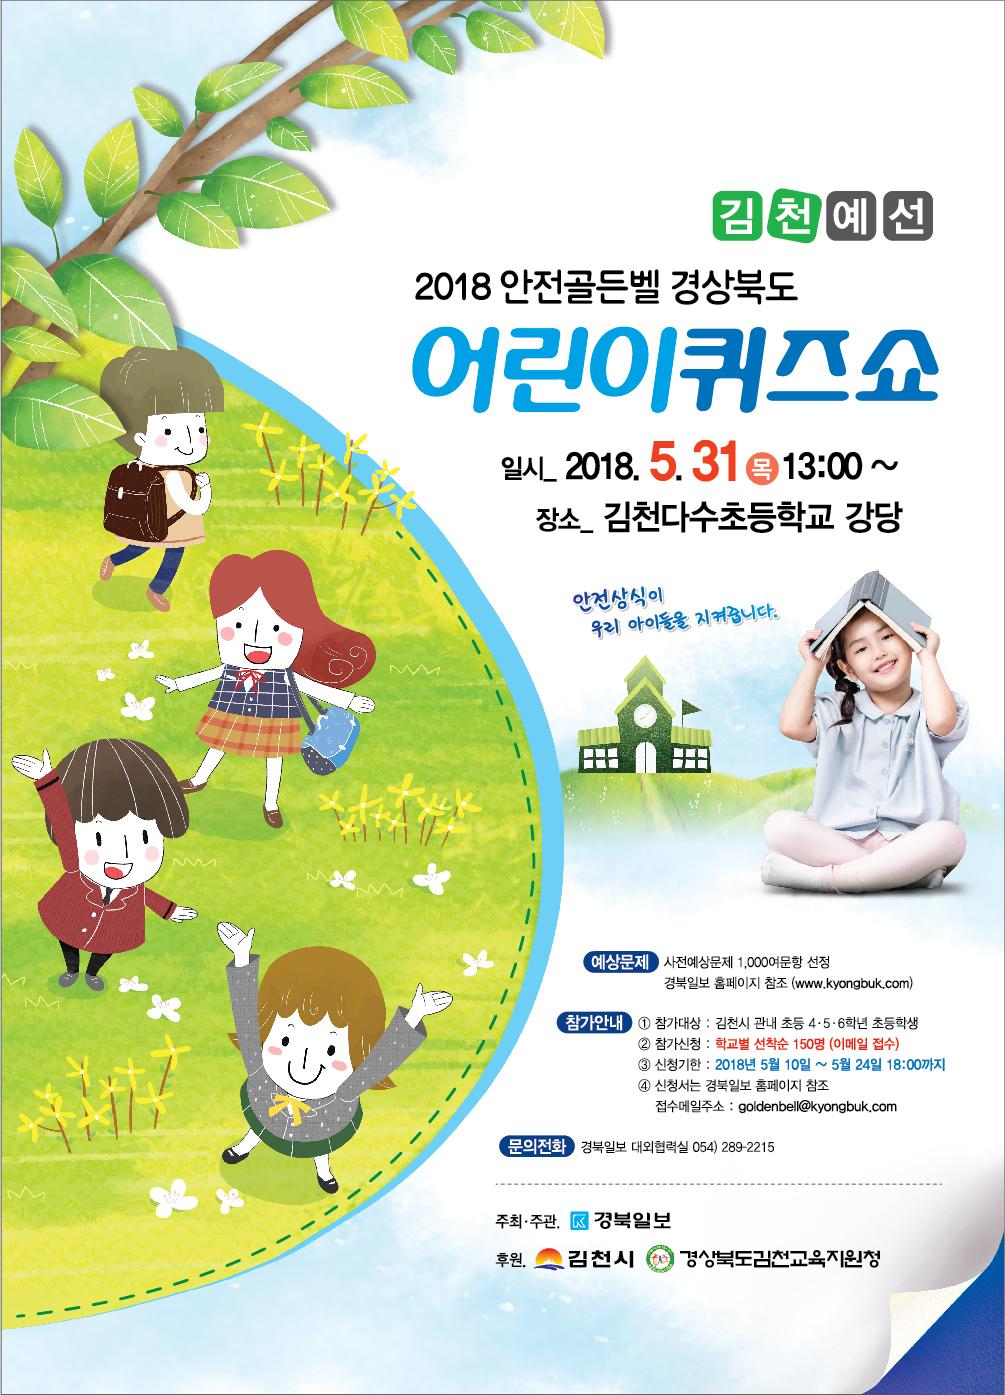 2018_안전골든벨 김천예선_pop.png